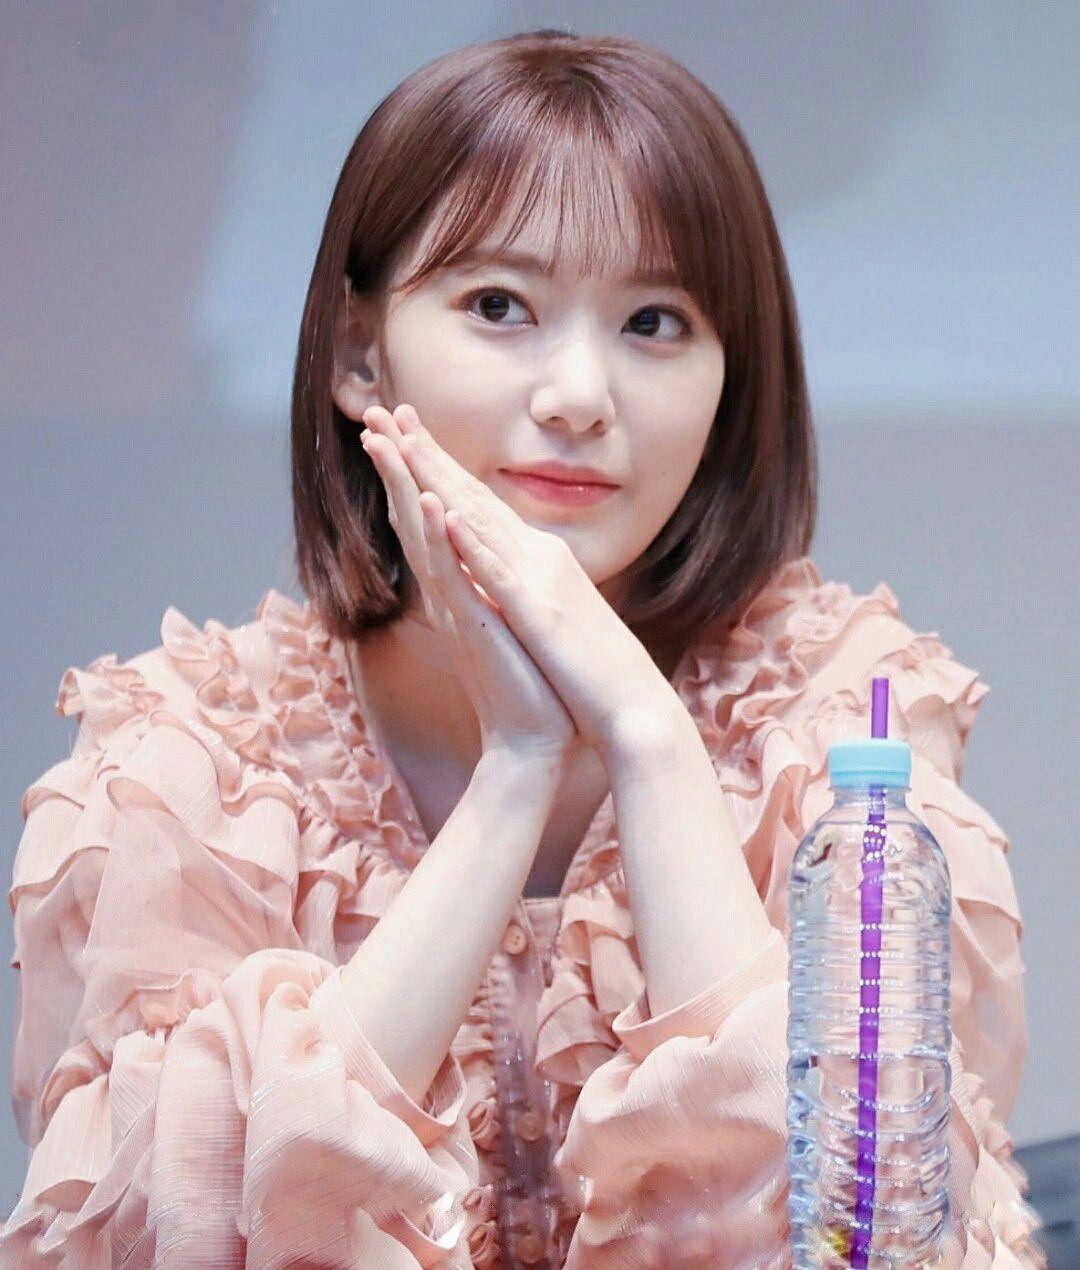 VZN News: 5 mỹ nhân tóc ngắn hot nhất Jbiz: Đây chính là lý do vẻ đẹp ngây thơ, trong sáng của con gái Nhật là thiên hạ vô địch - Ảnh 21.